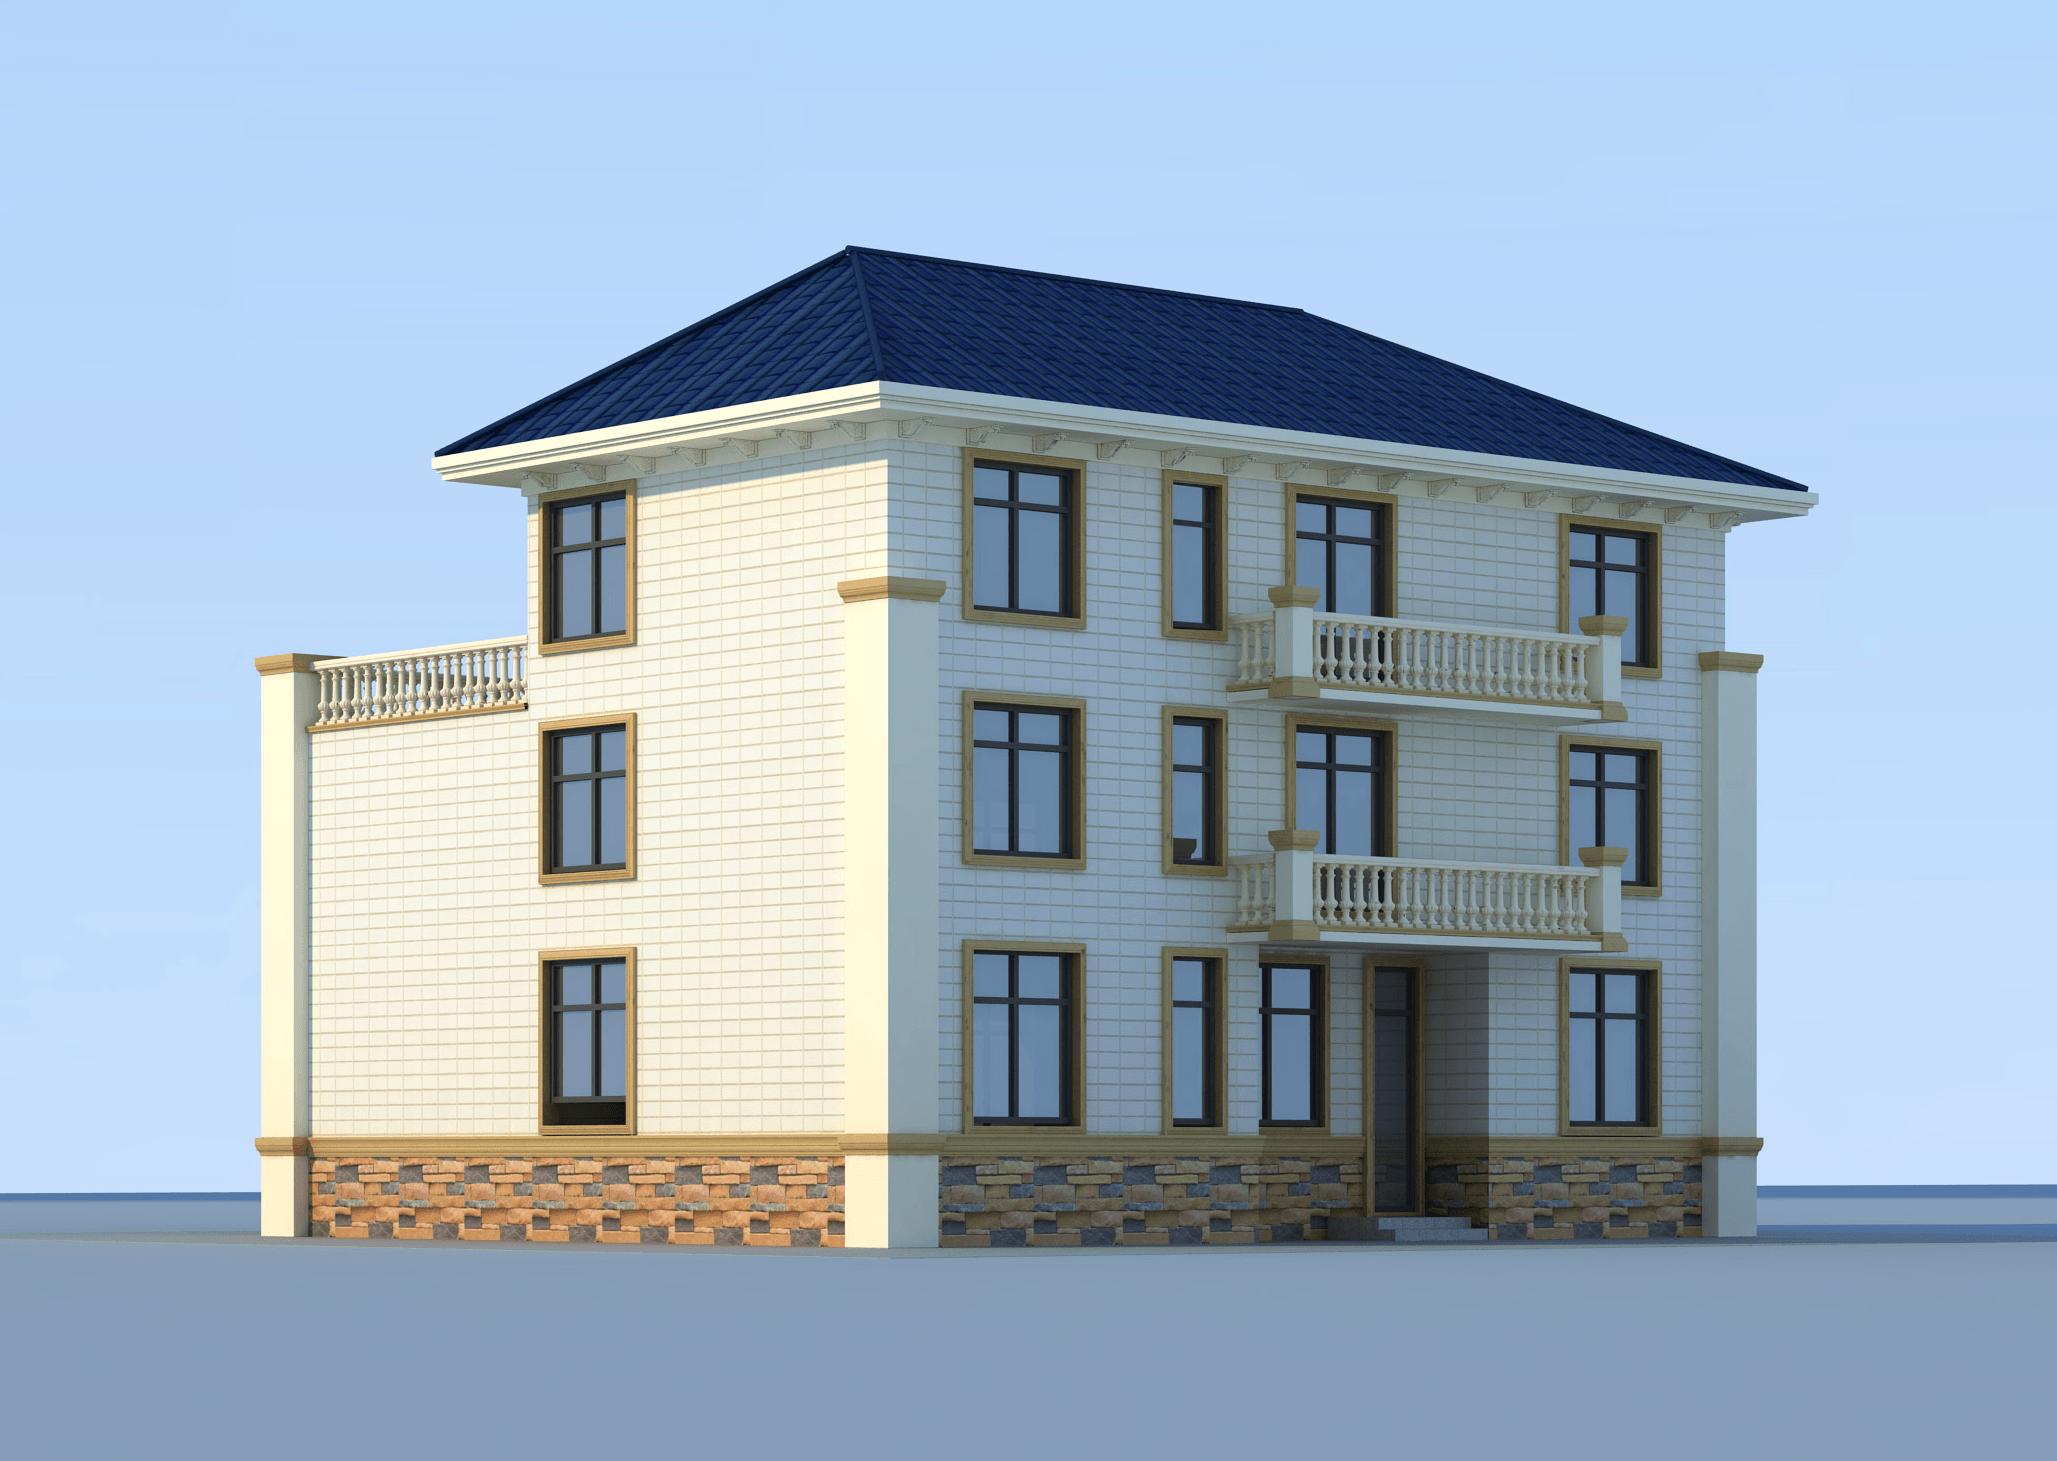 歐式三層別墅設計圖效果圖